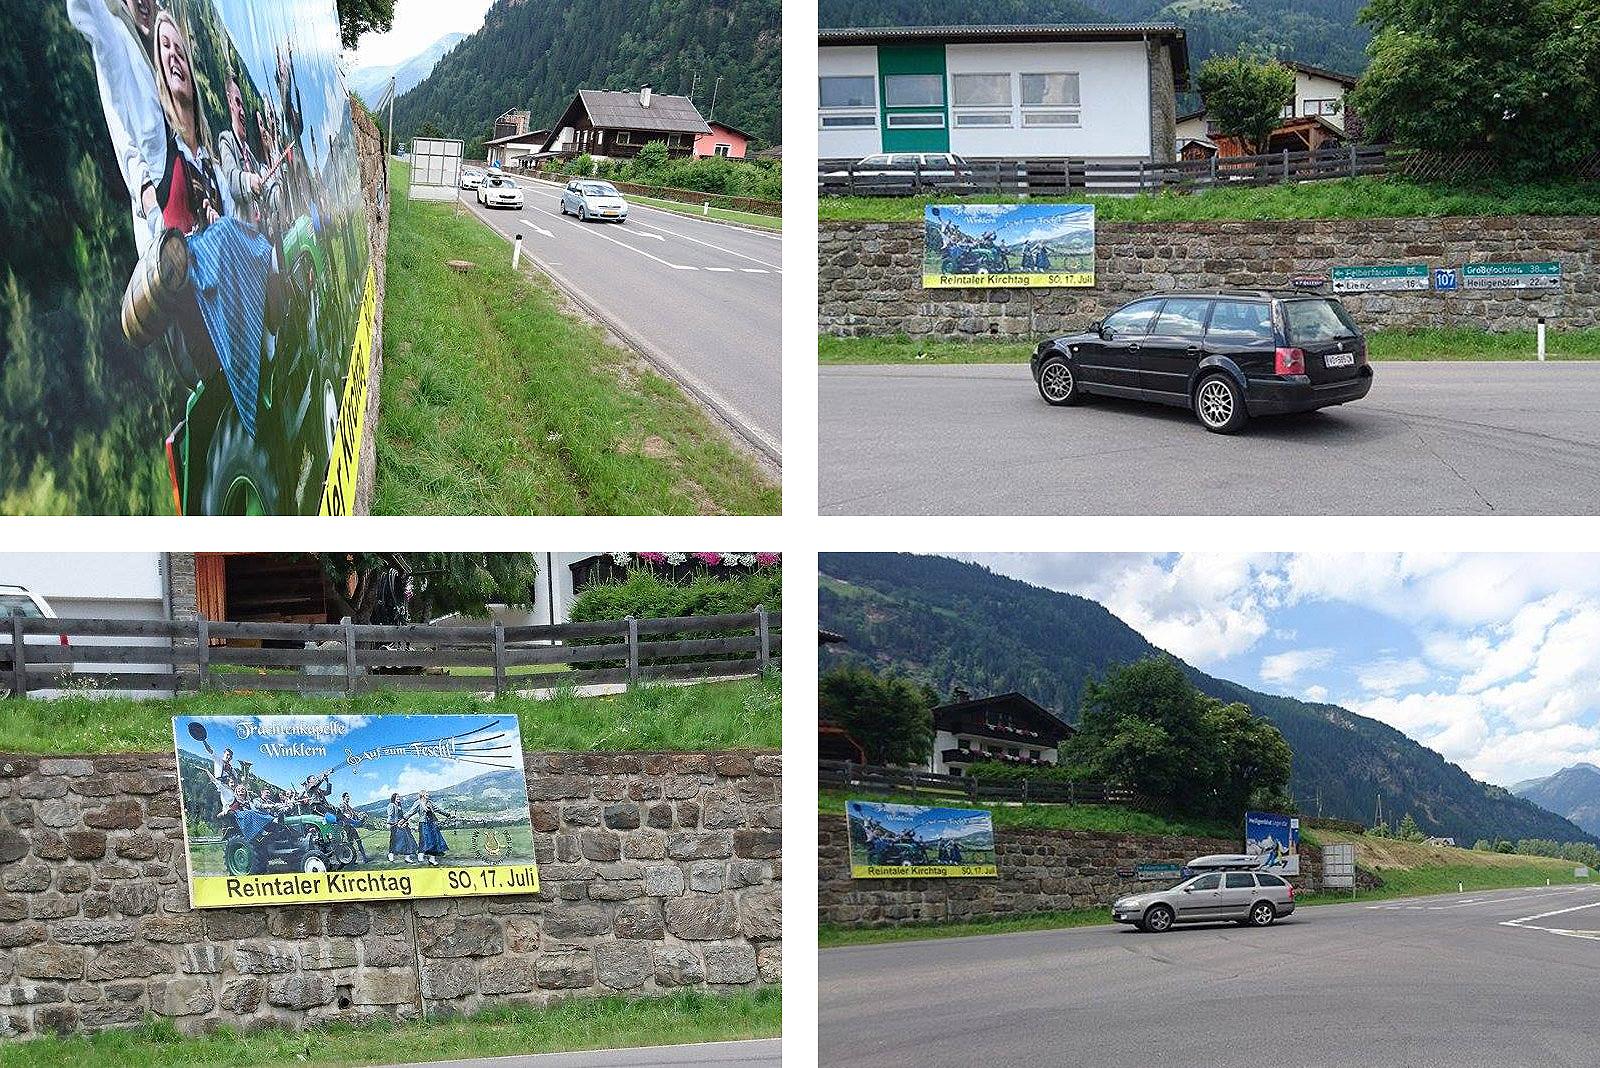 commercial_TKWinklern_1.jpg